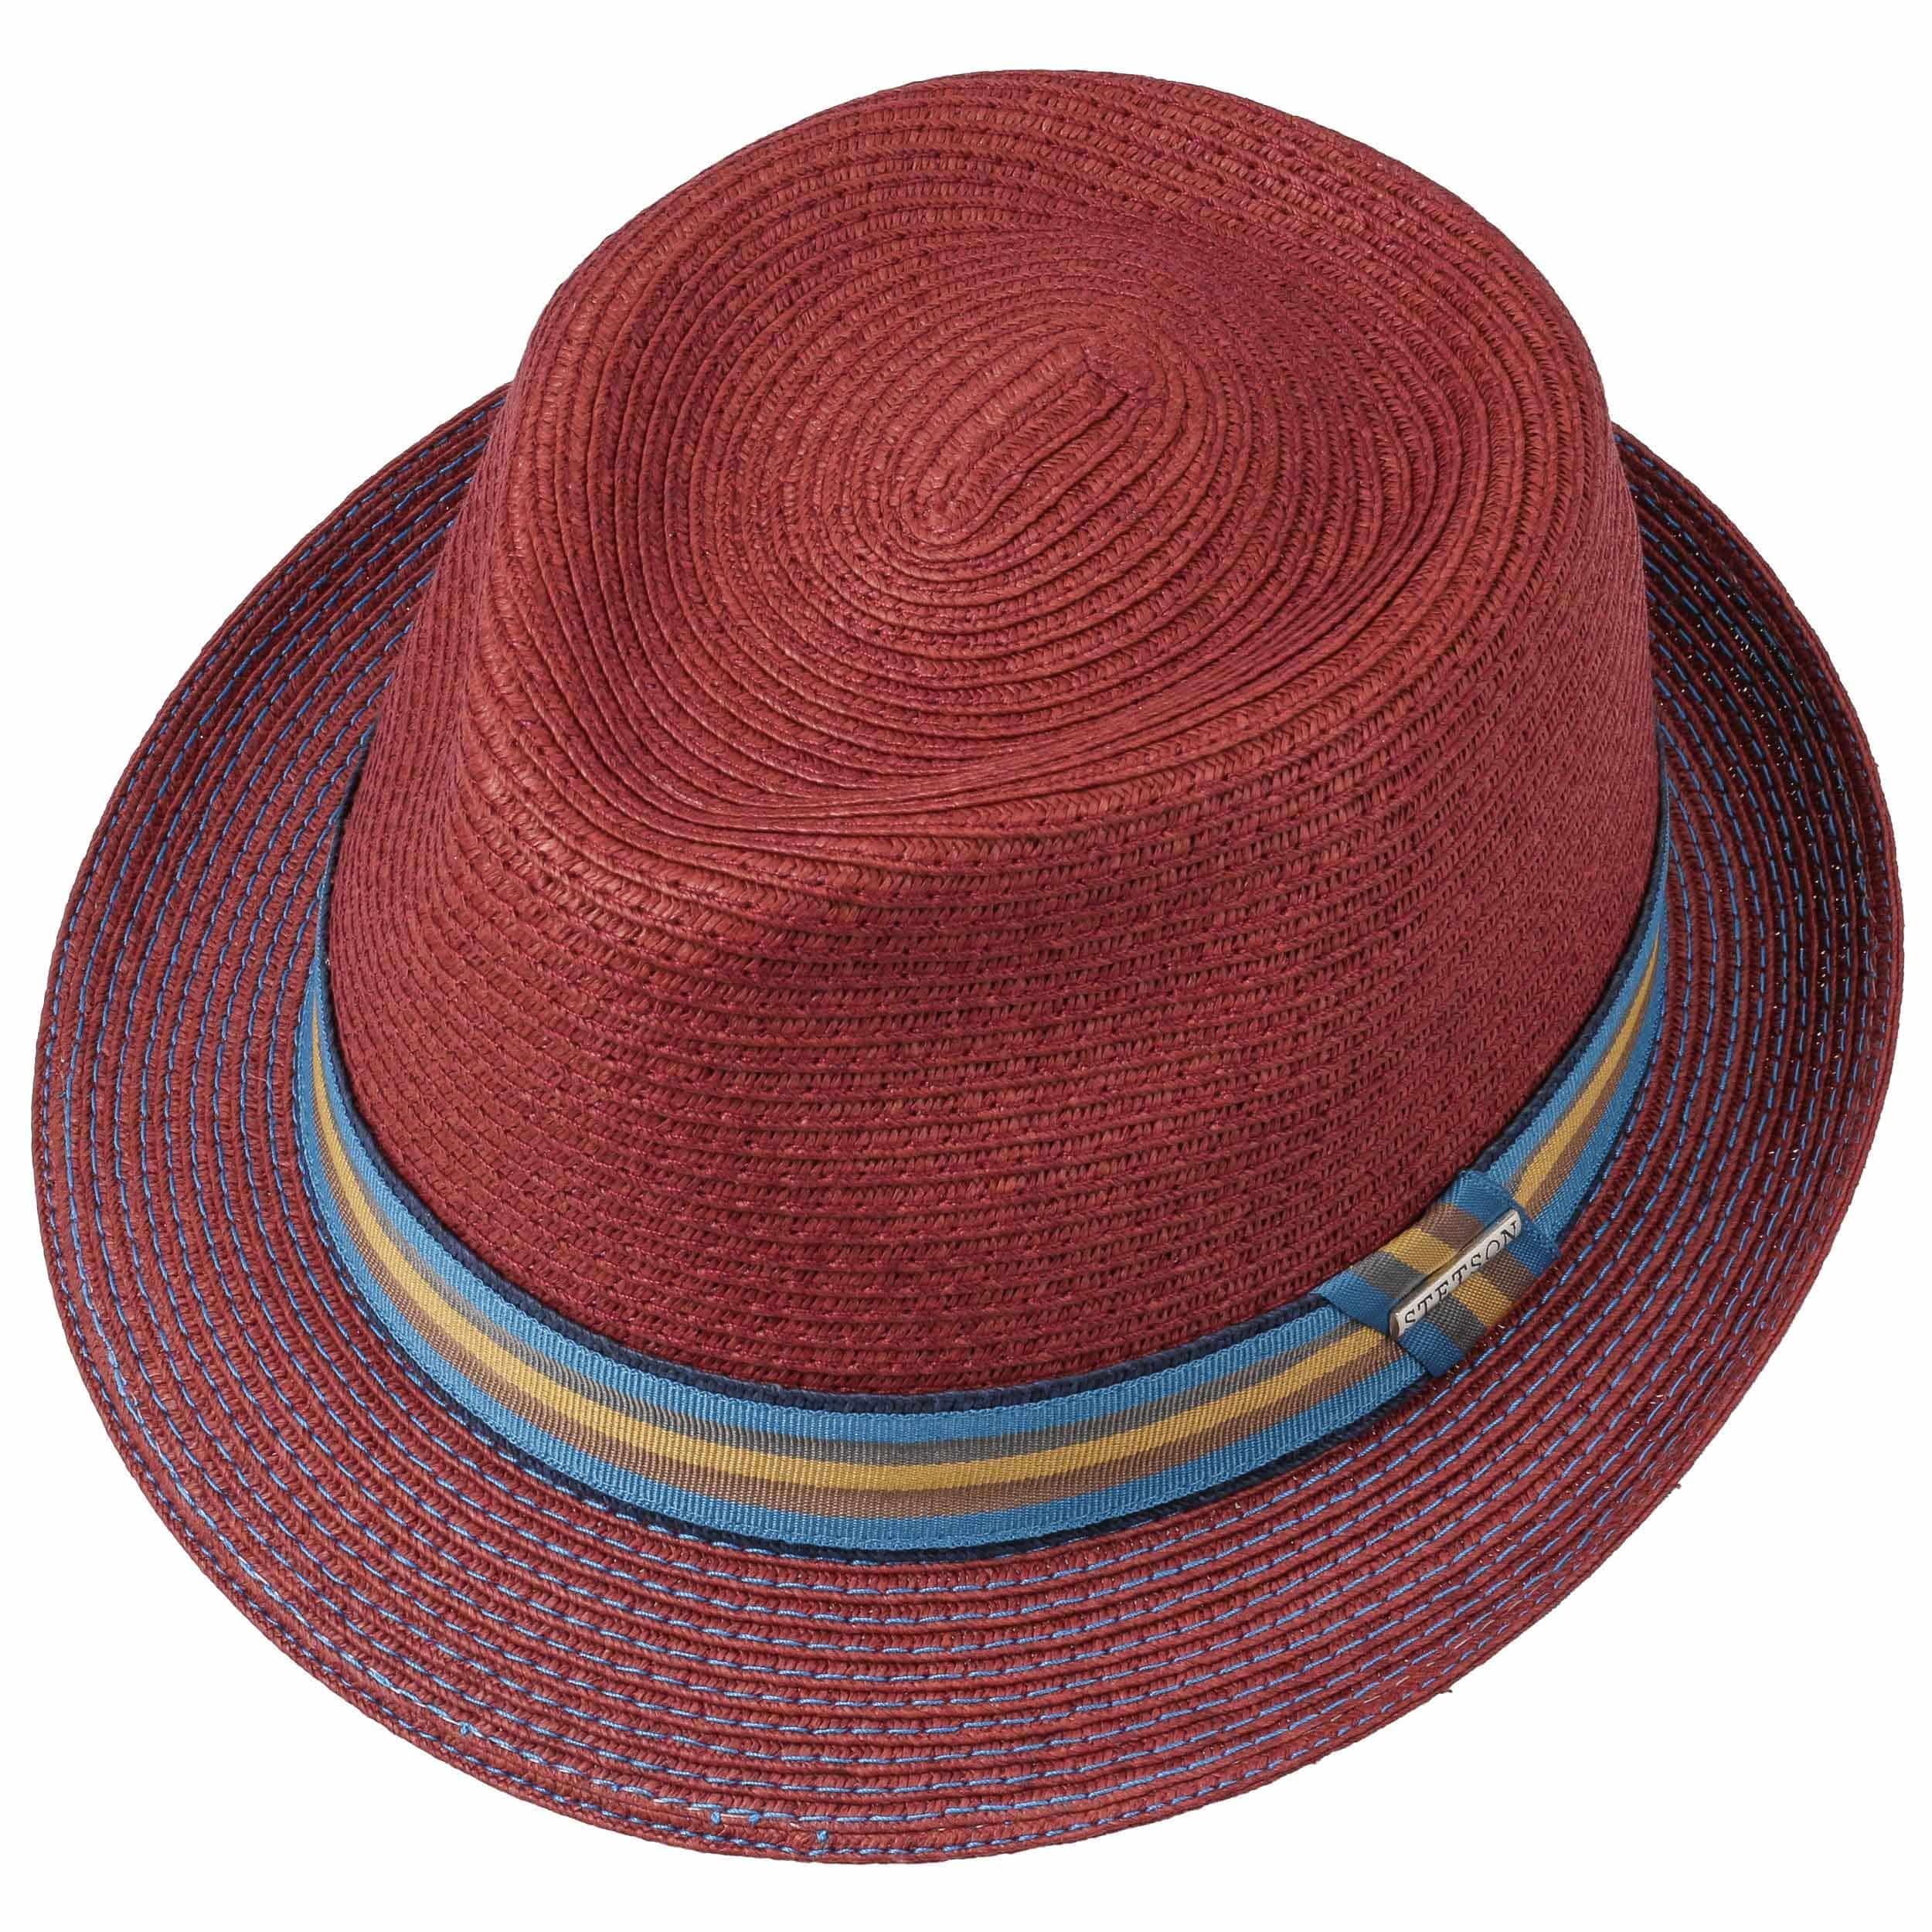 d34d373e Munster Toyo Trilby Hat by Stetson - bordeaux 1 ...